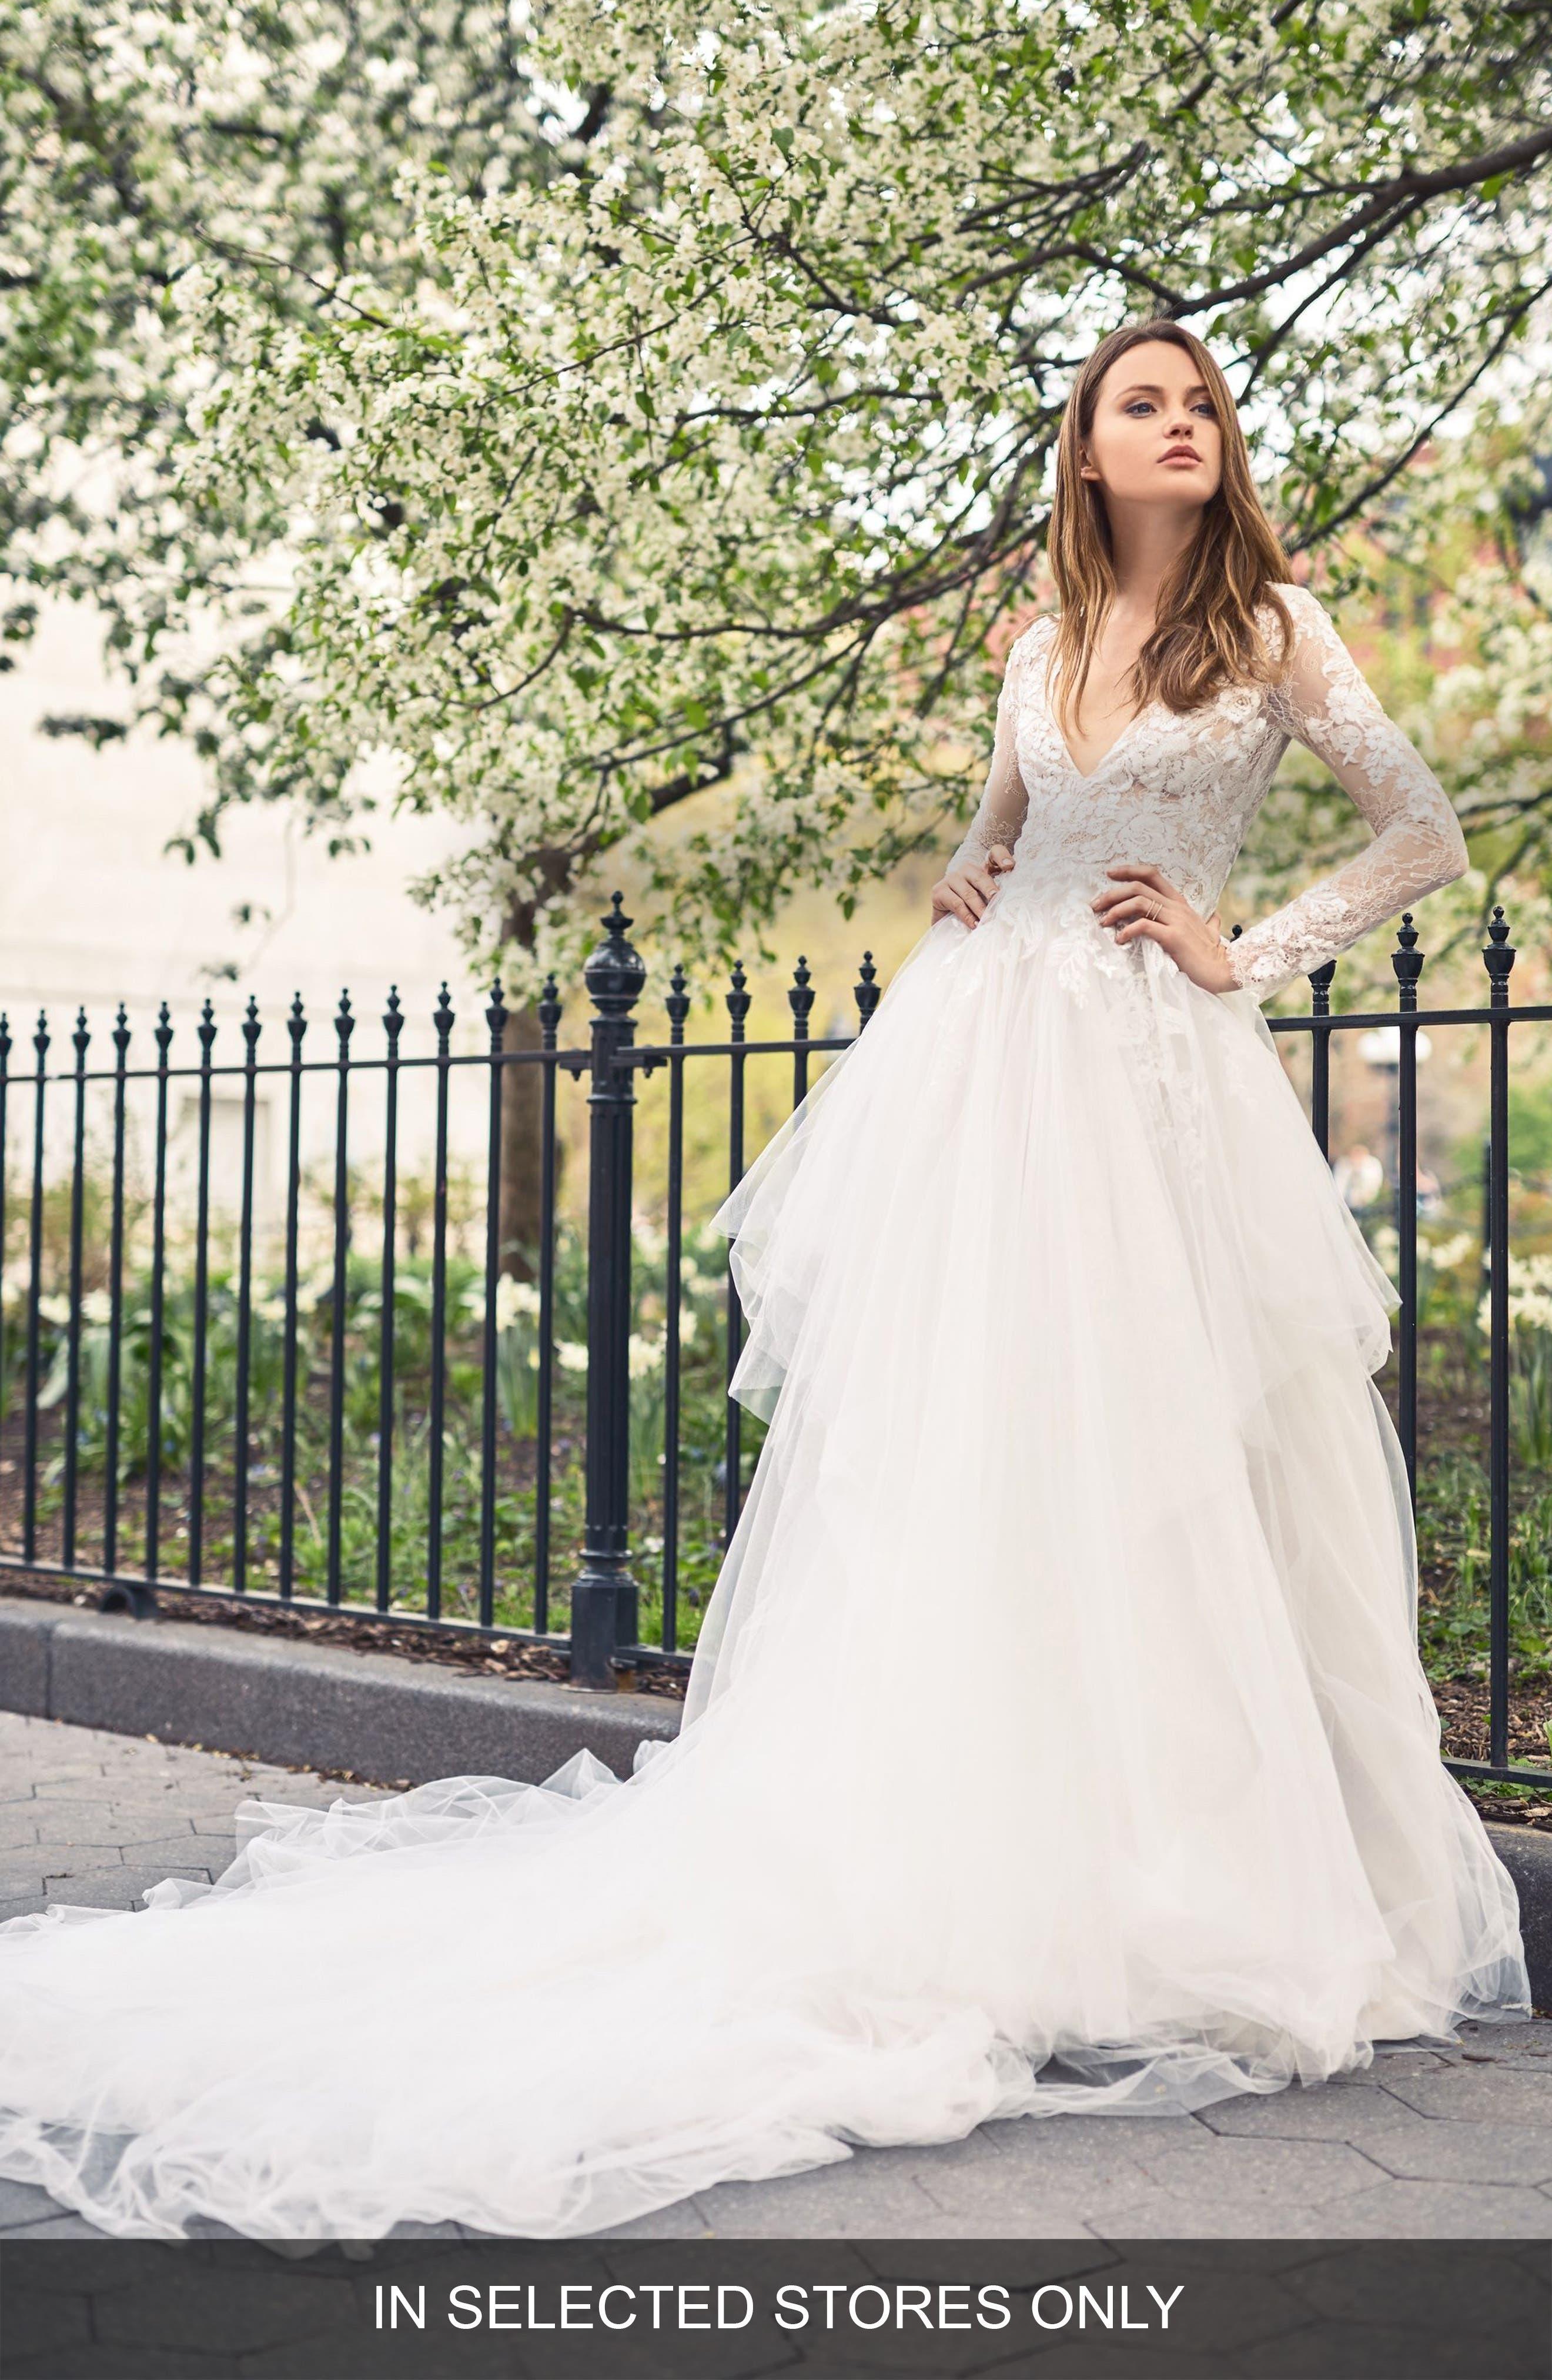 BLISS Monique Lhuillier Deep V Lace & Tulle Gown